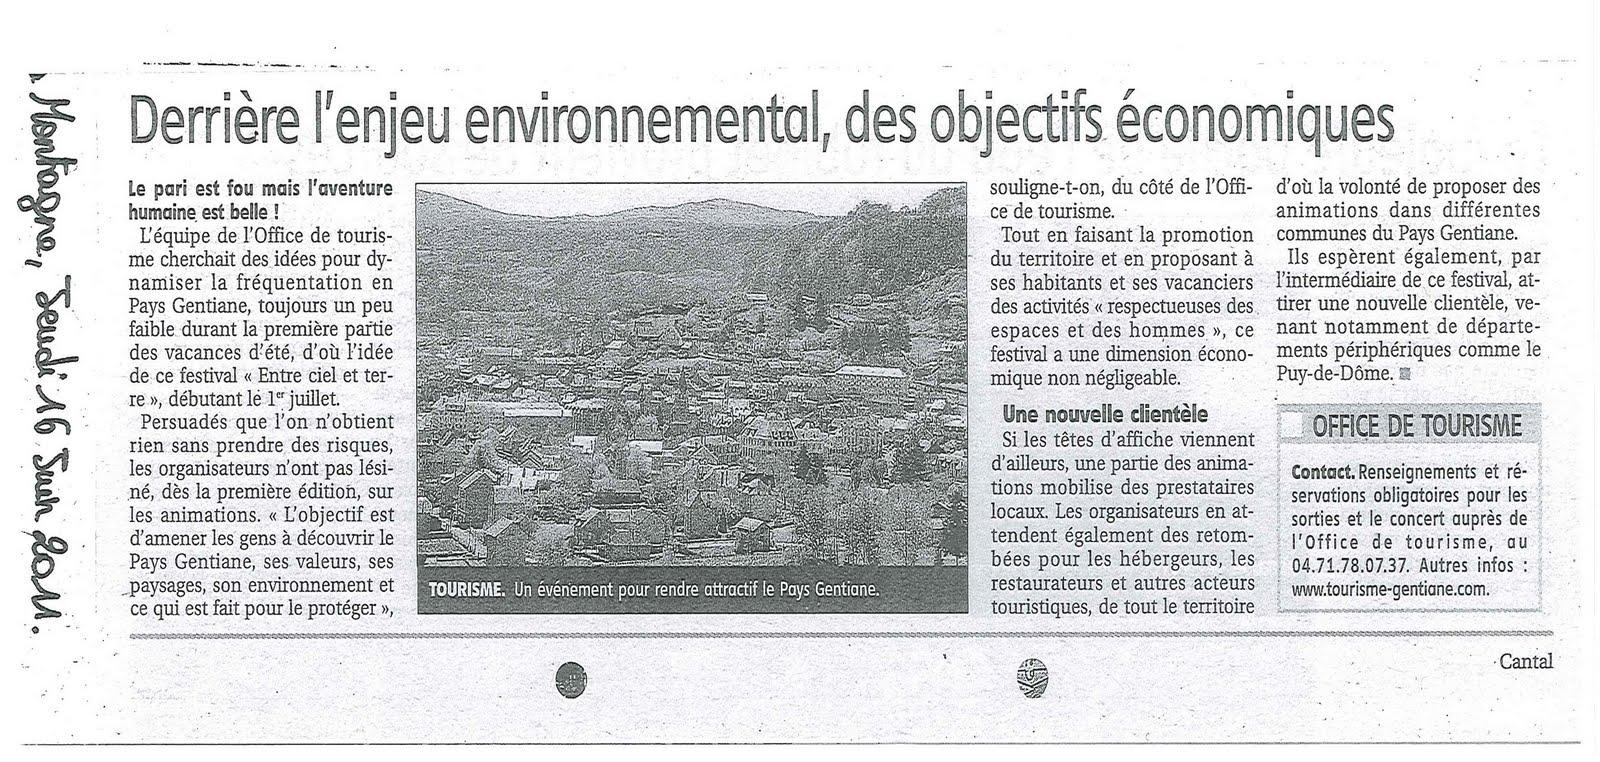 Festival entre ciel et terre articles de presse - Office des oeuvres universitaires pour le centre ...